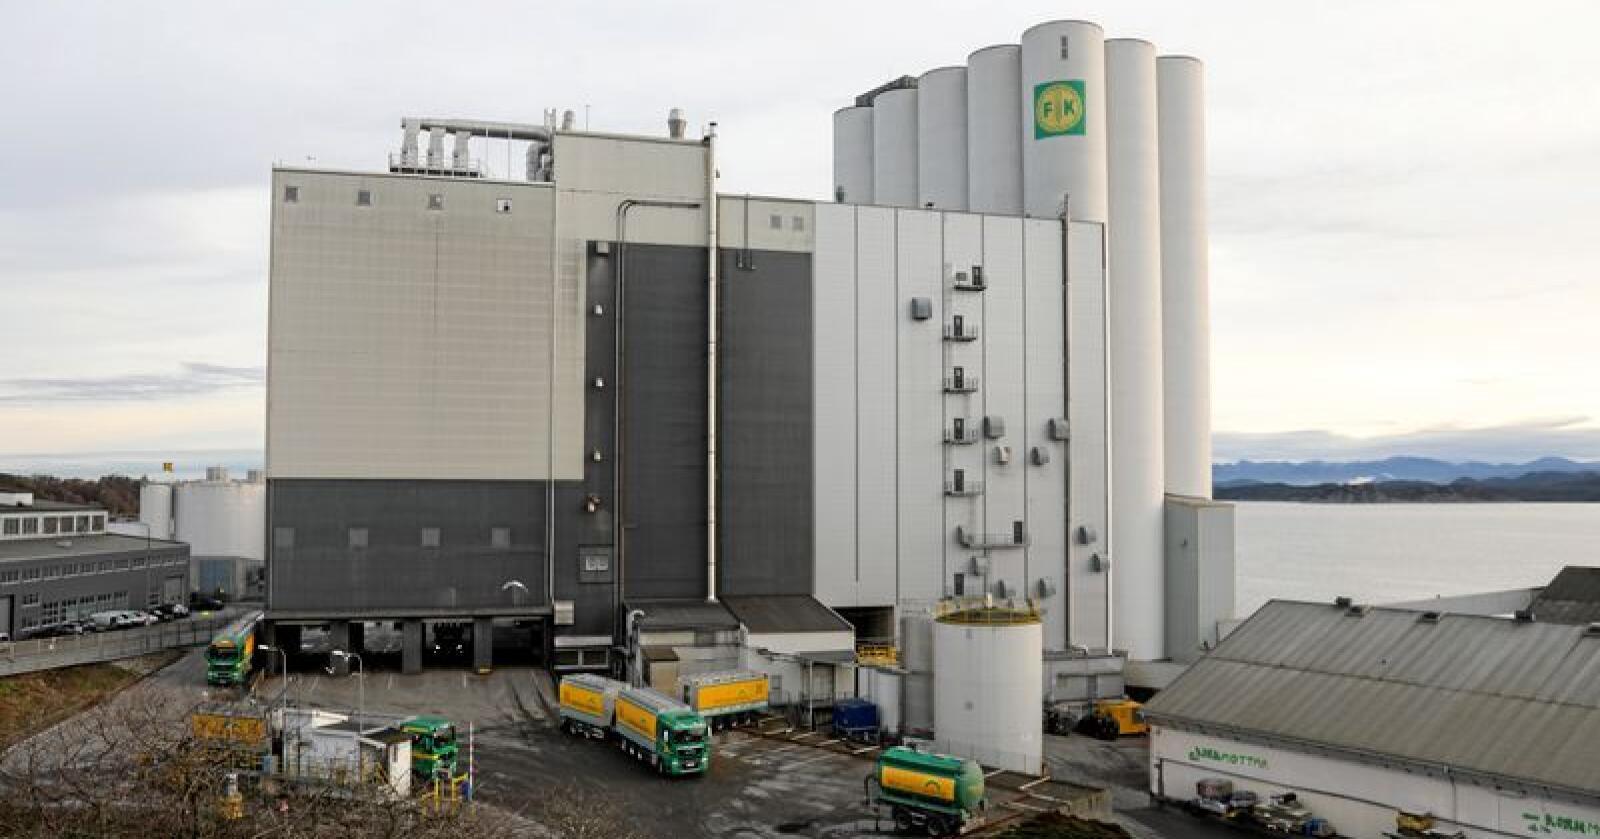 Kraftfôr-fabrikken til Felleskjøpet Rogaland Agder (FKRA) i Hillevåg i Stavanger. Anlegget skal være av de største og mest moderne i Europa, med kapasitet på 560.000 tonn i året. Foto: Anne Linn Olsen/FRAK